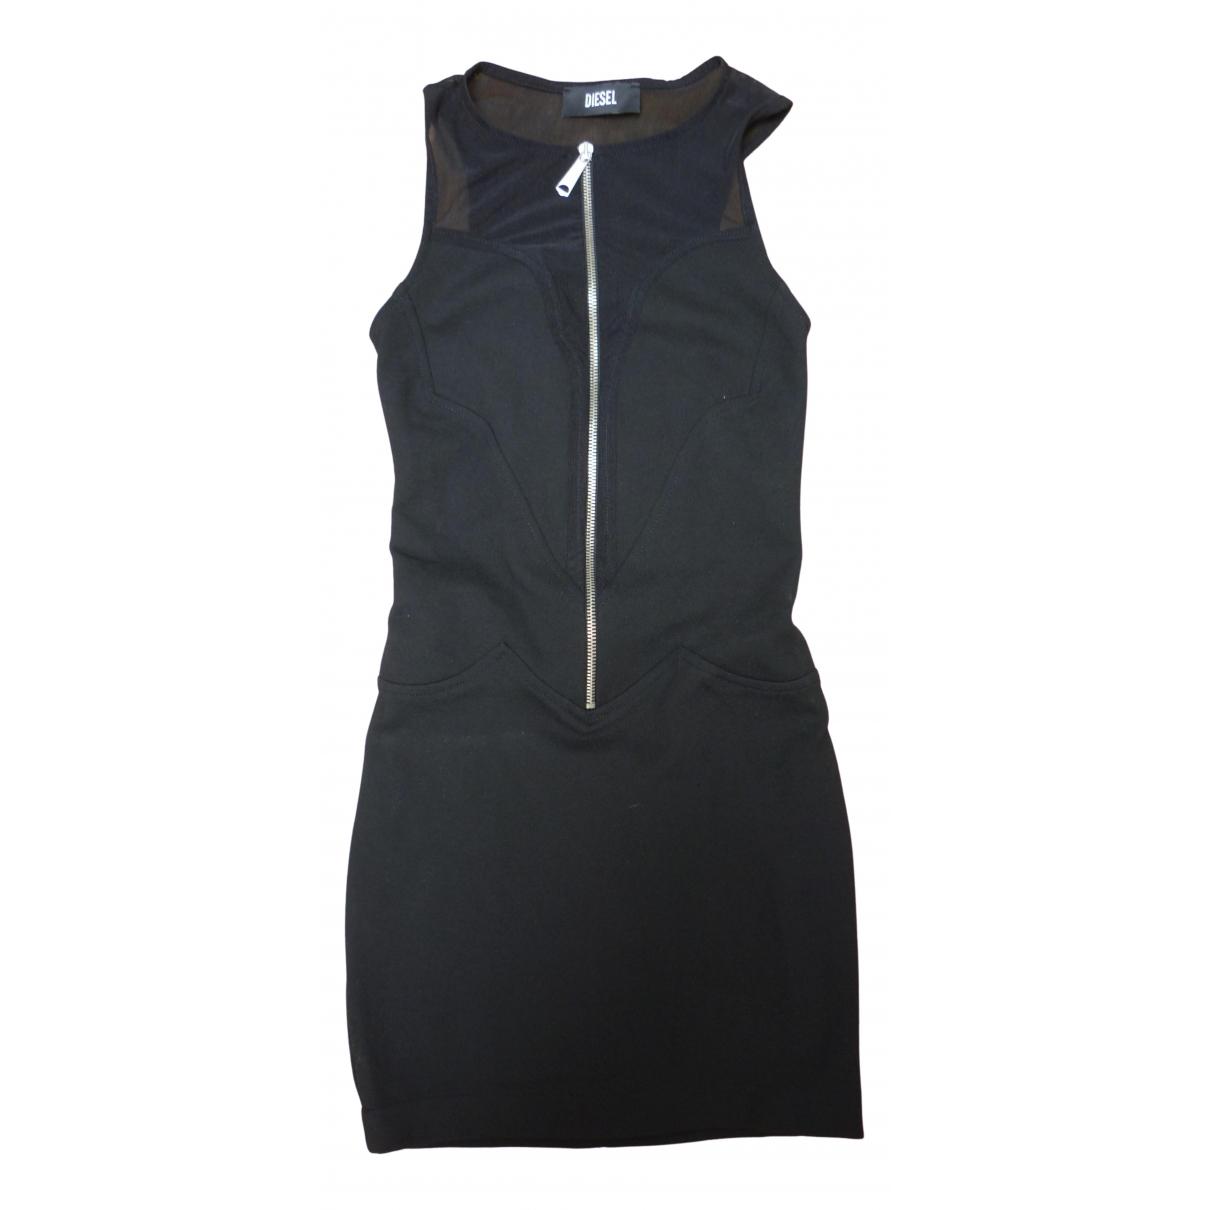 Diesel - Robe   pour femme - noir